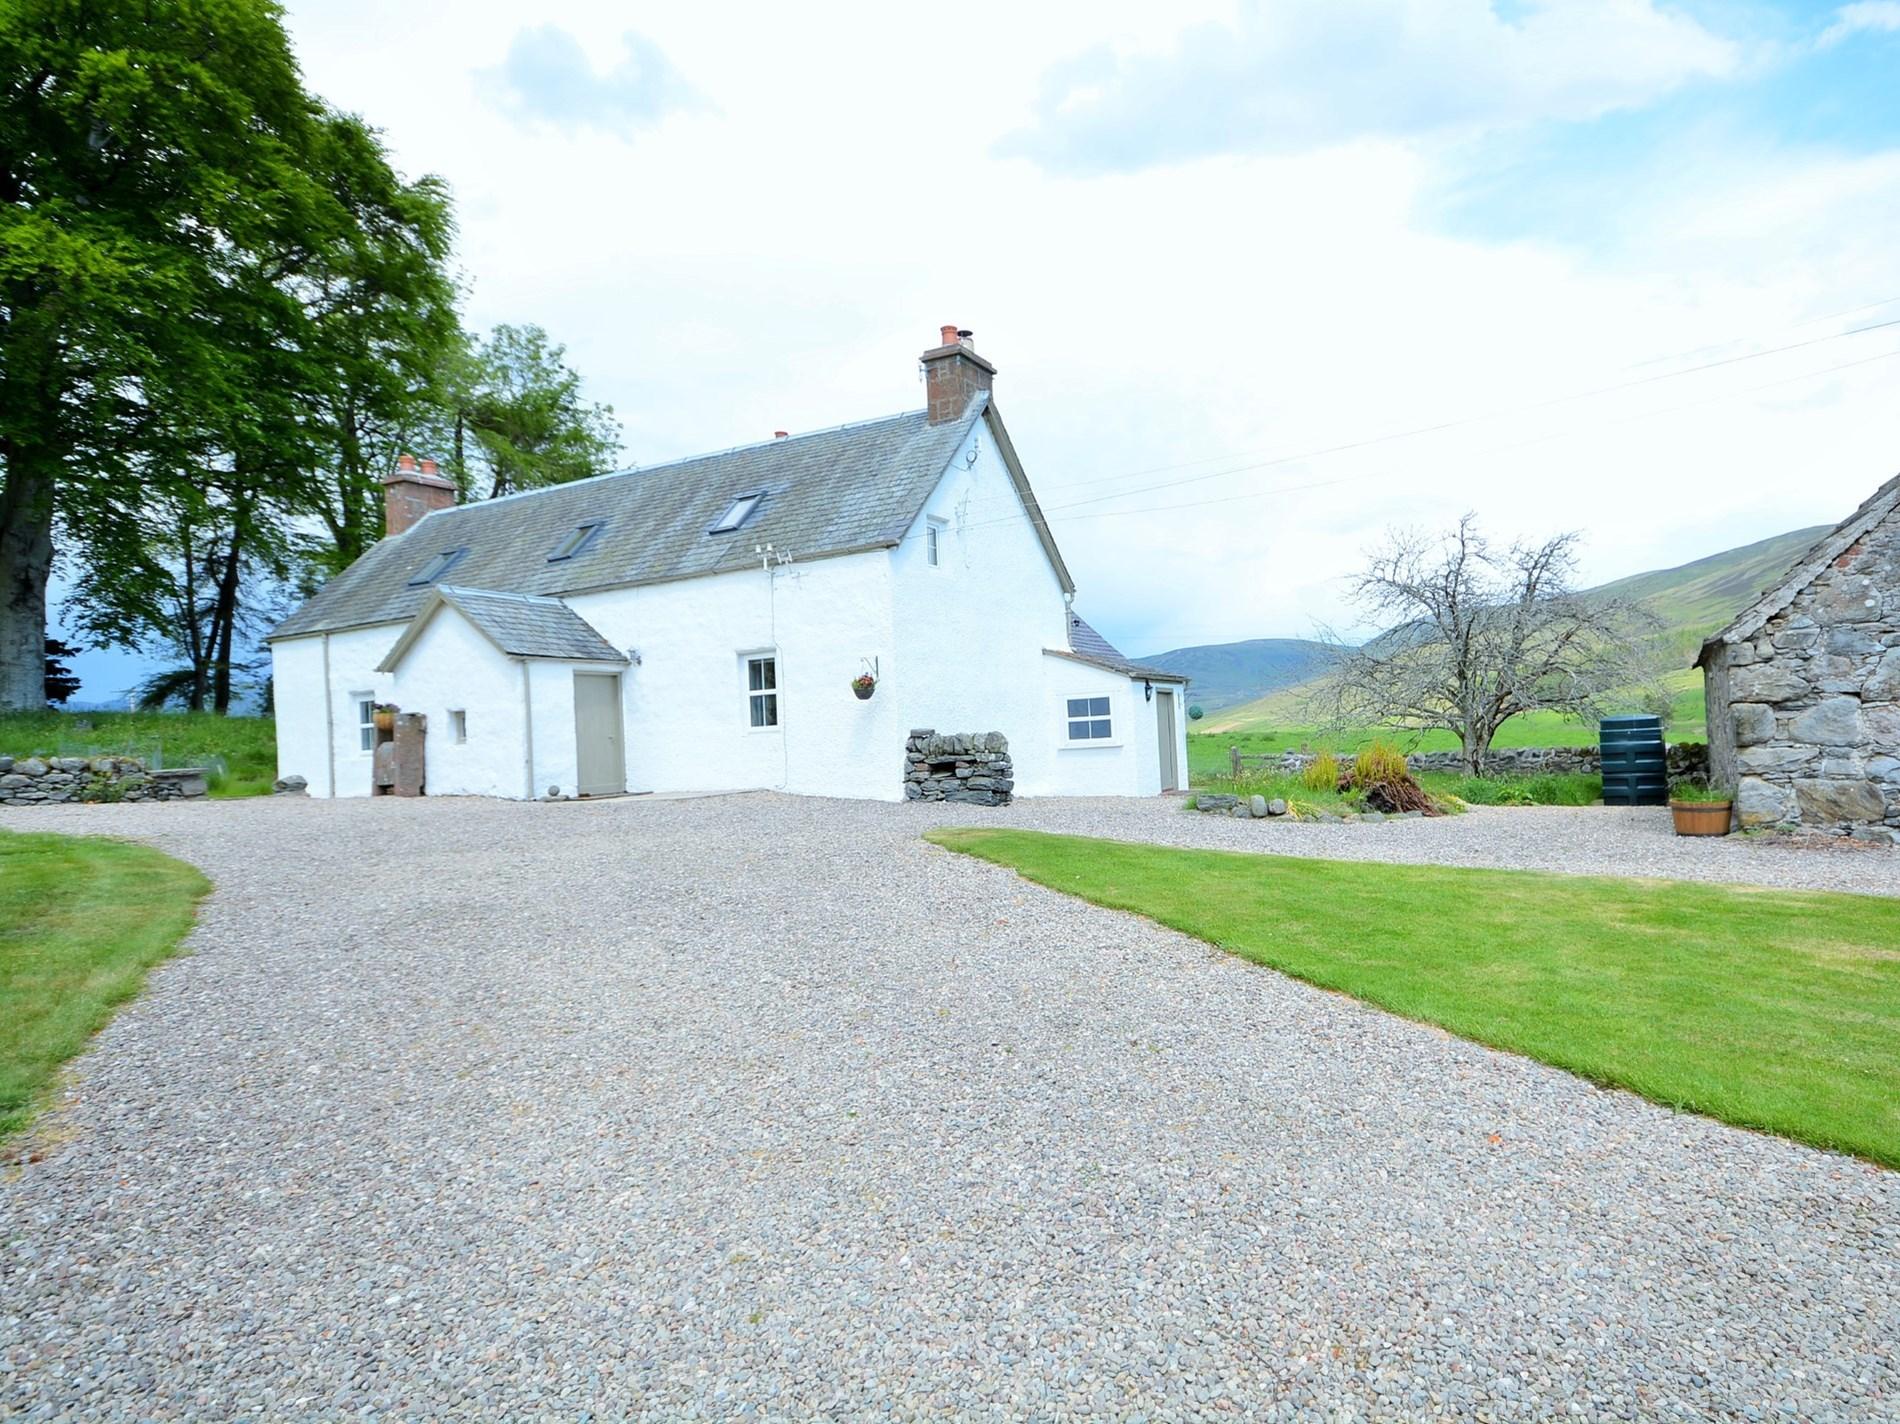 3 Bedroom Cottage in Kirriemuir, Perthshire, Angus & Fife